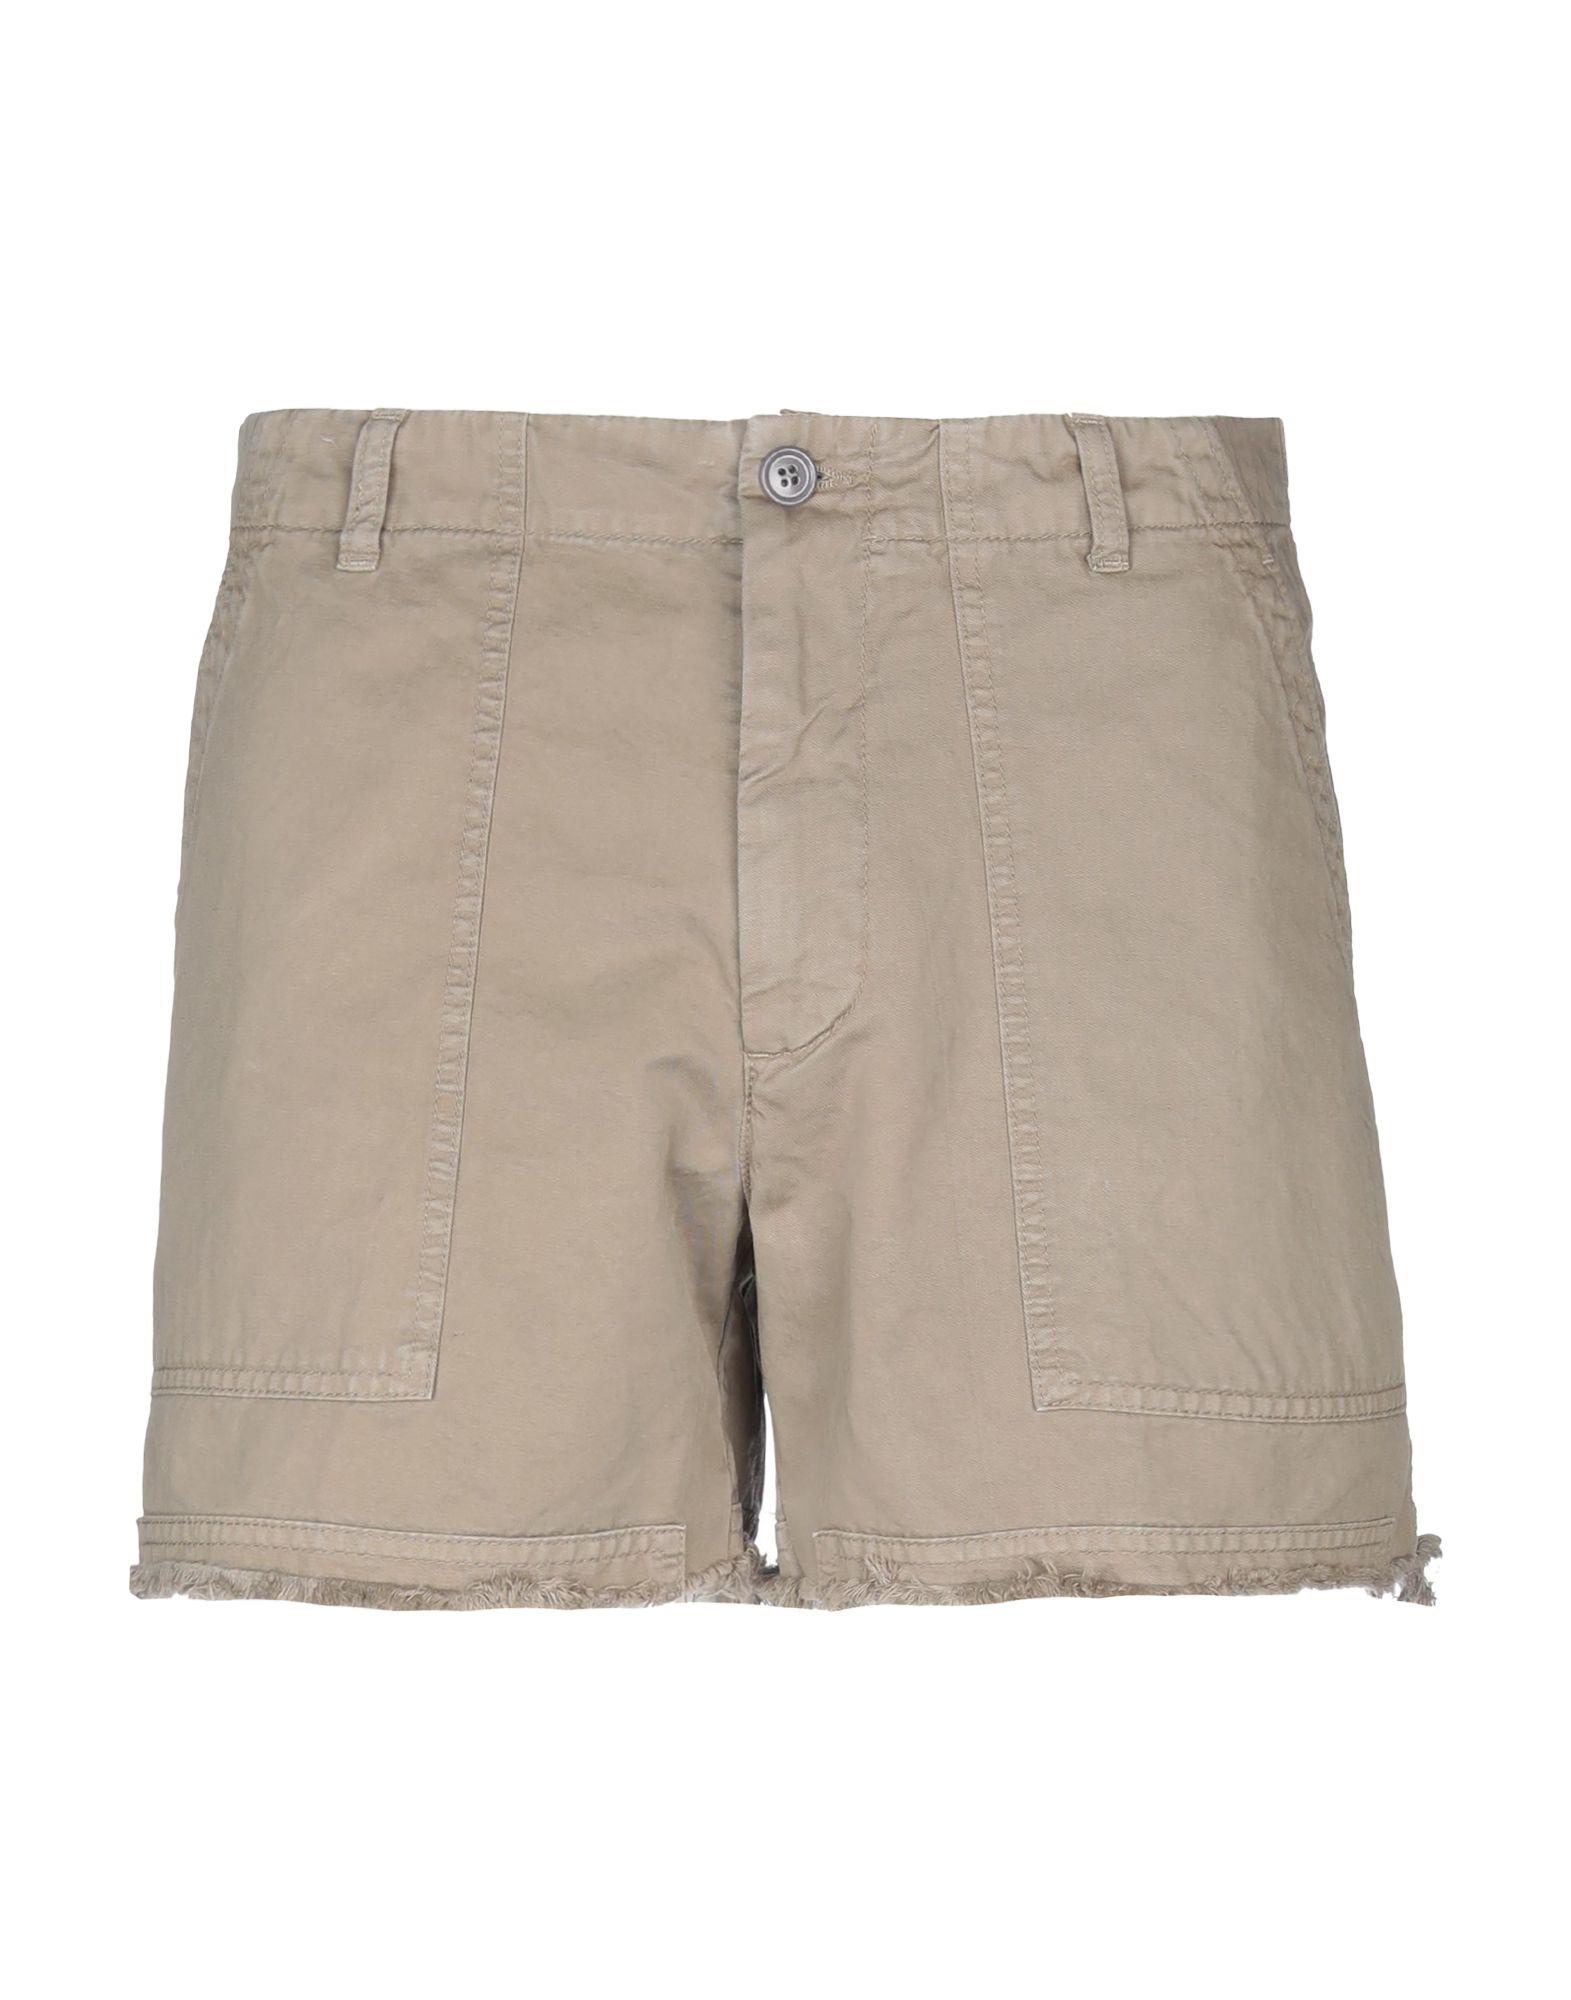 DRIES VAN NOTEN Повседневные шорты 2017 hot 6 color hole tops jeans women xxxl cotton blend elastic high waist trousers ladiesvintage pencil slim skinny jeans